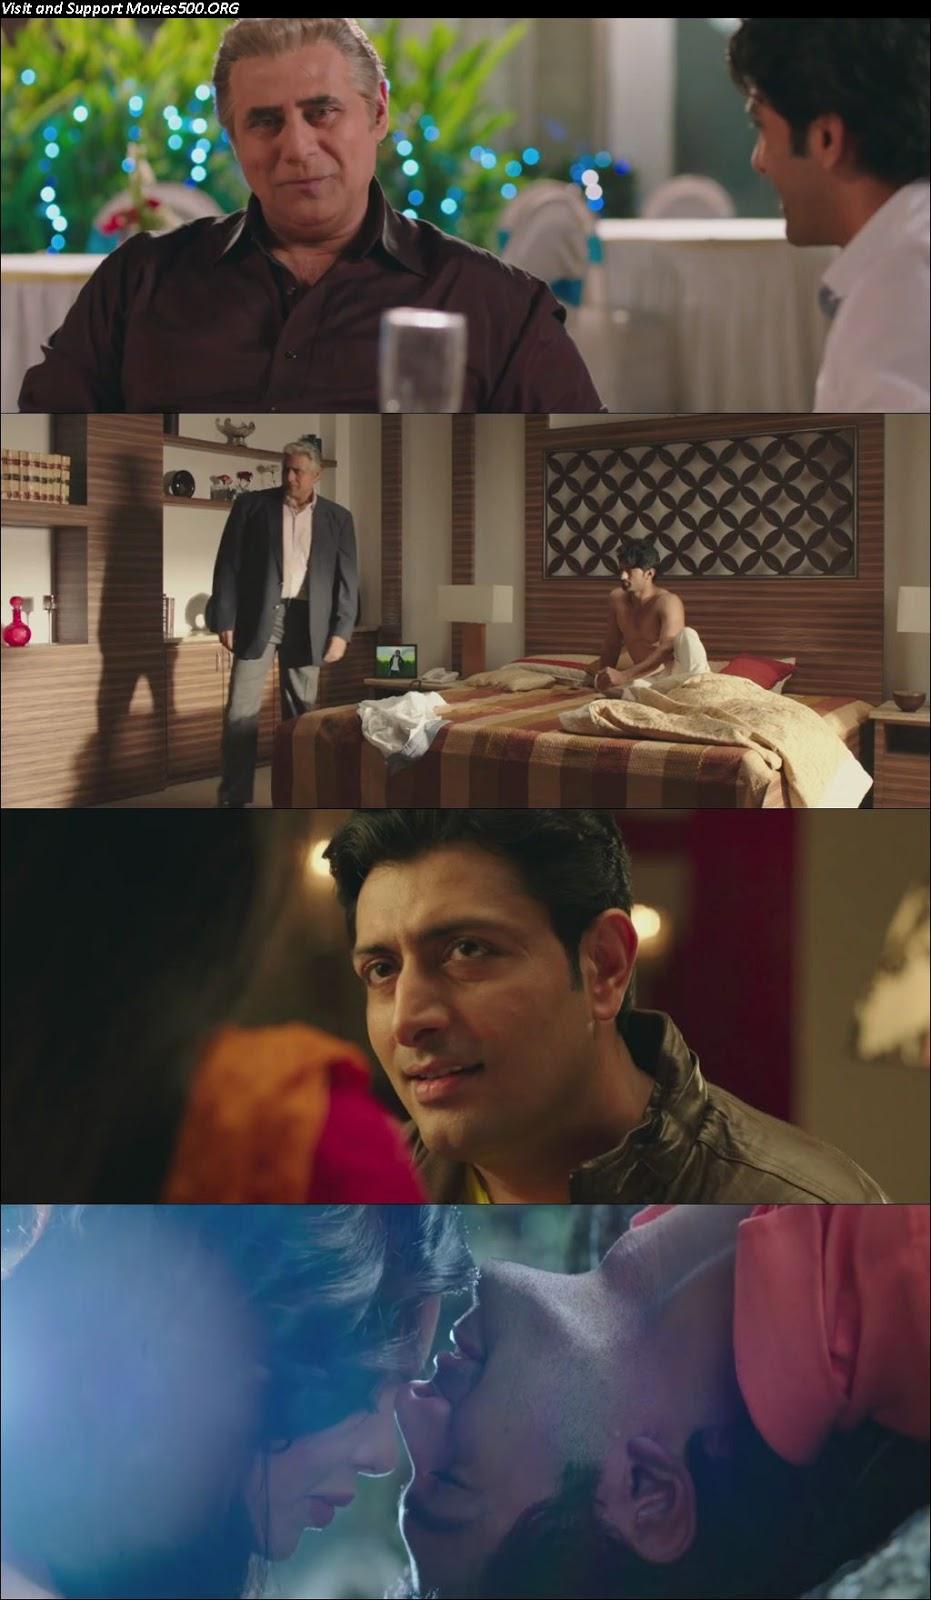 Barkhaa 2015 Hindi Movie Download HDRip 720P at movies500.site